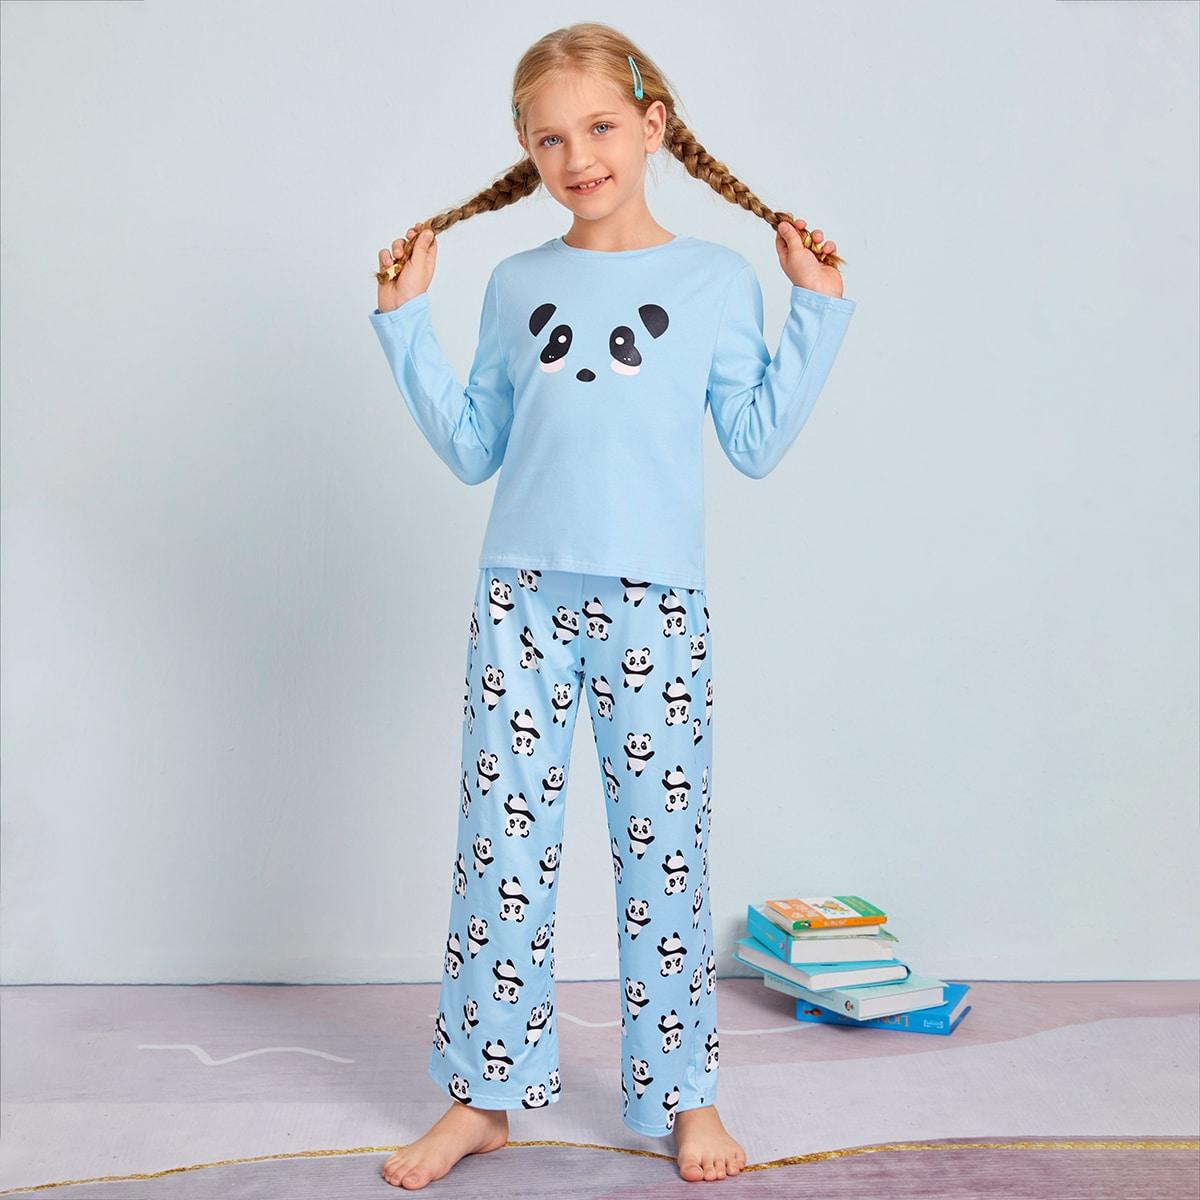 Пижама с принтом панды для девочек